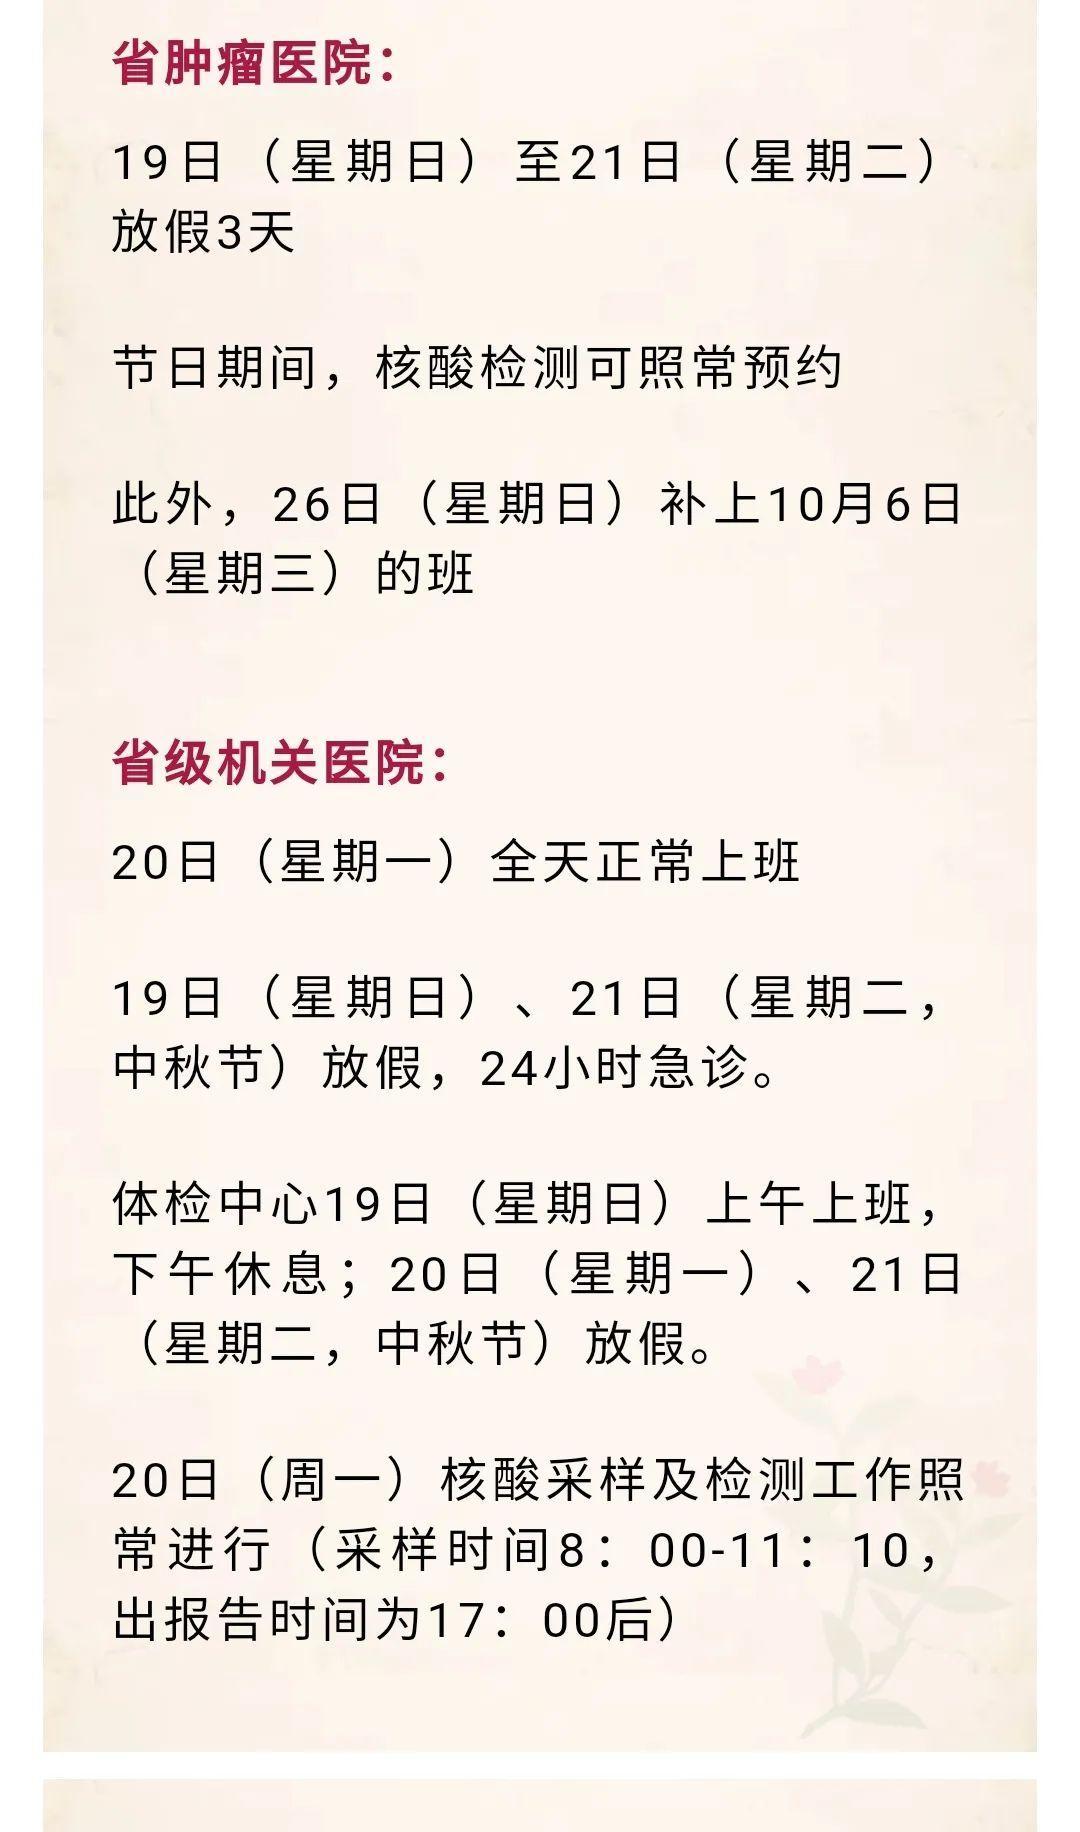 中秋假期,福州各医院门诊时间、核酸检测这样安排!